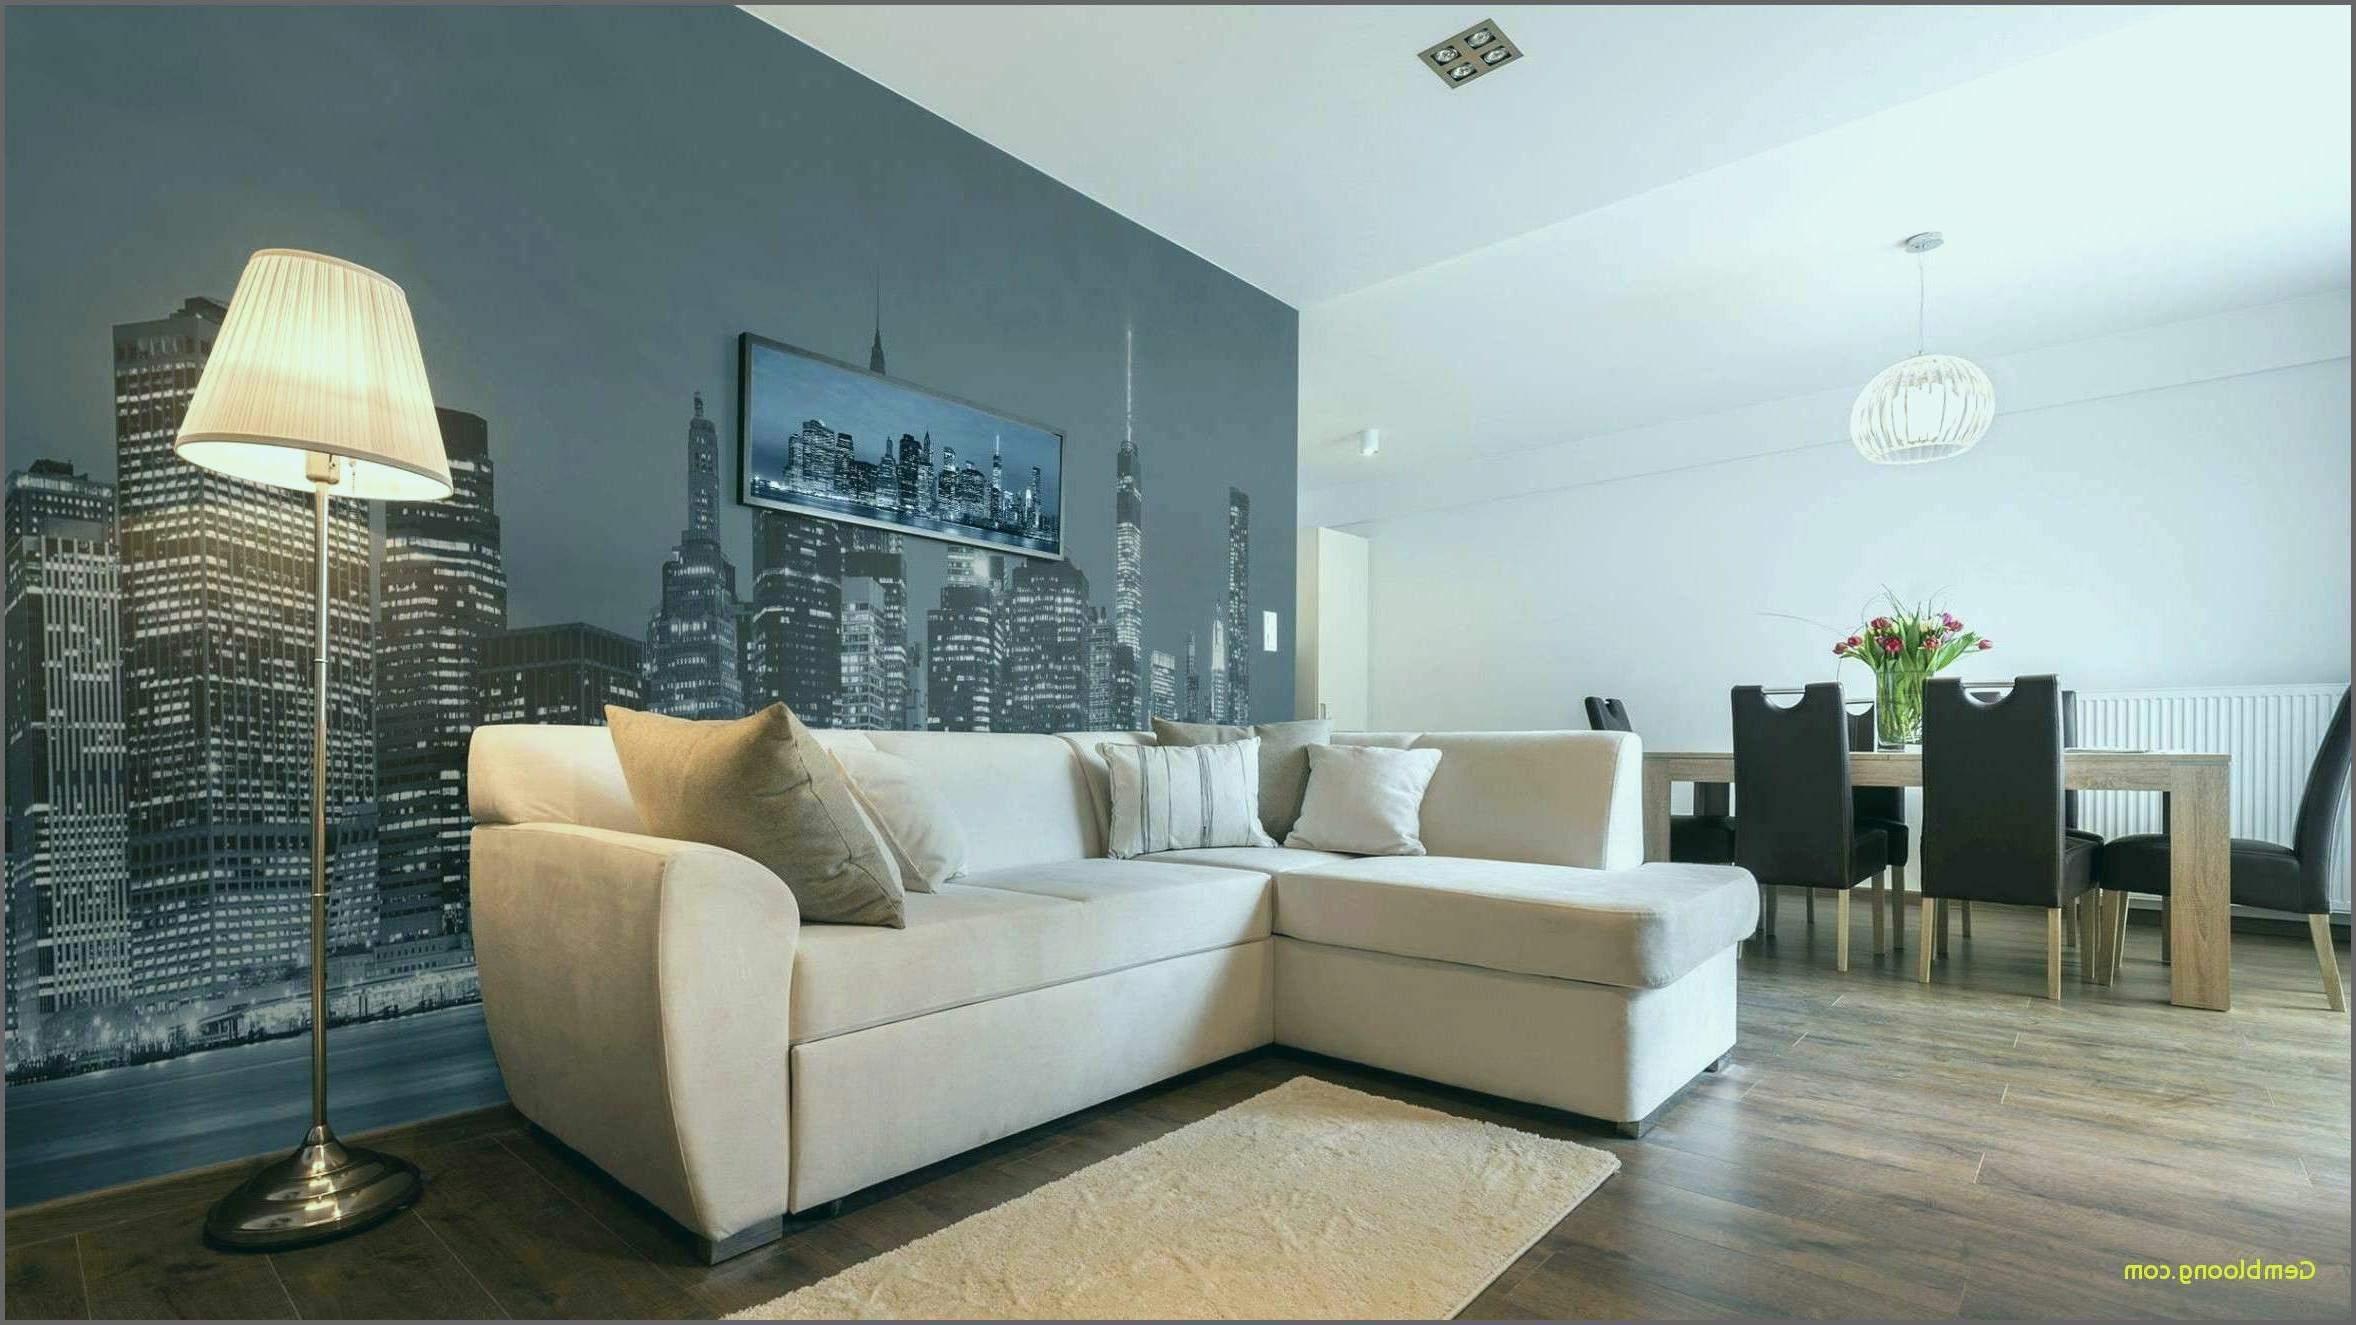 wohnzimmer beleuchtung modern schon design wohnzimmer bilder gemutlich wand licht dekoration of wohnzimmer beleuchtung modern